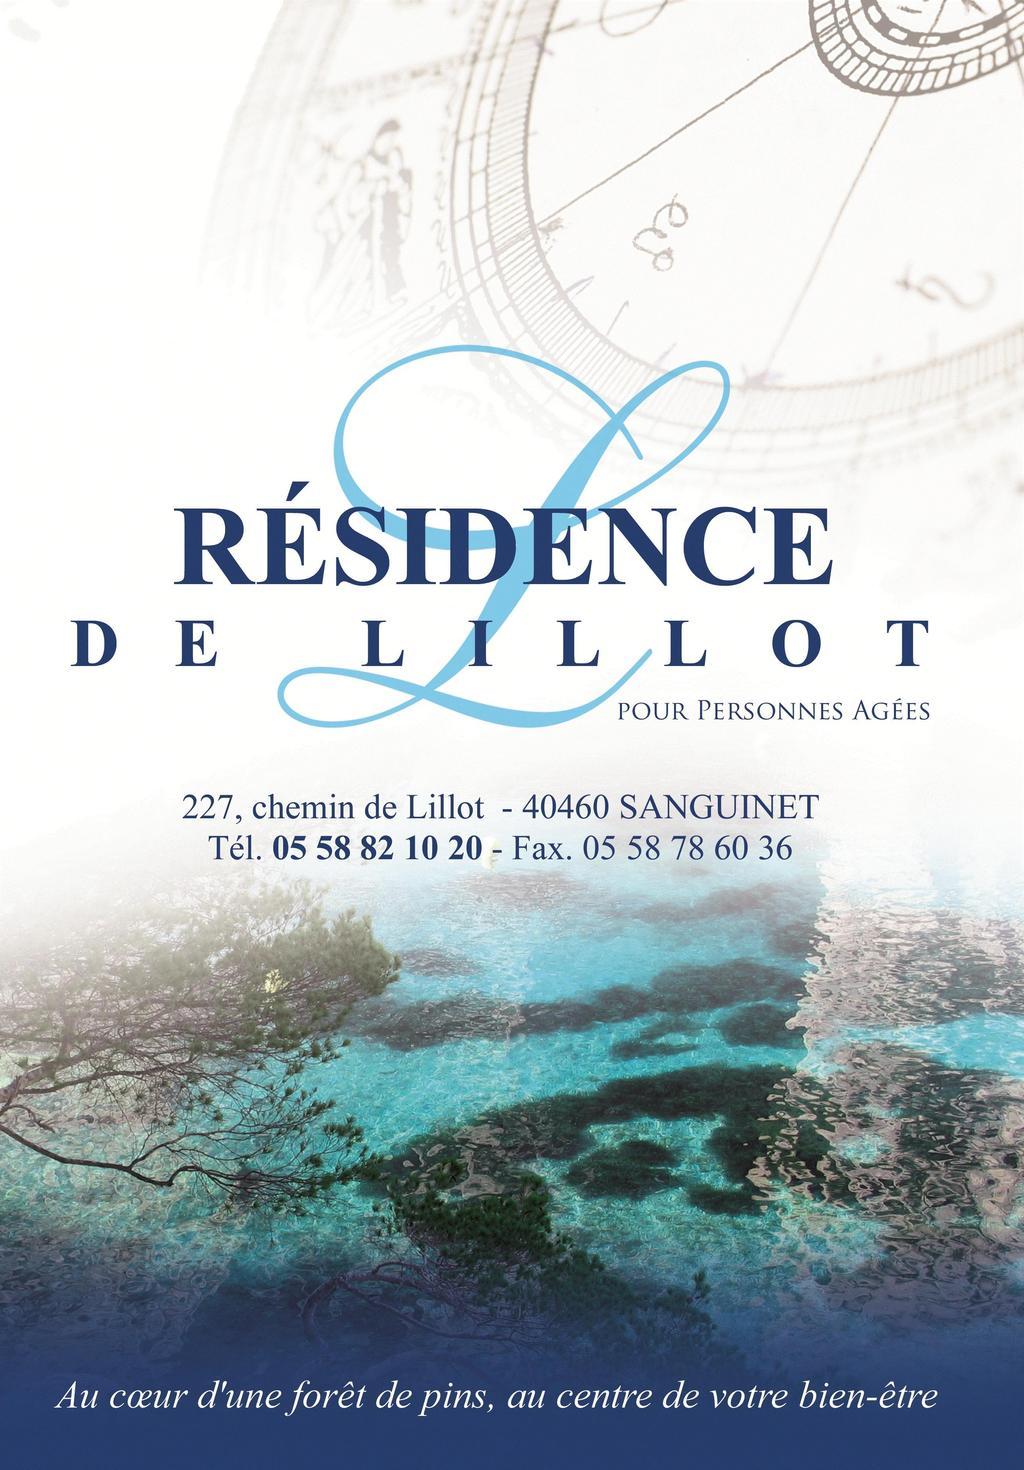 Résidence Personnes Âgées de Lillot, Résidence autonomie Sanguinet 40460